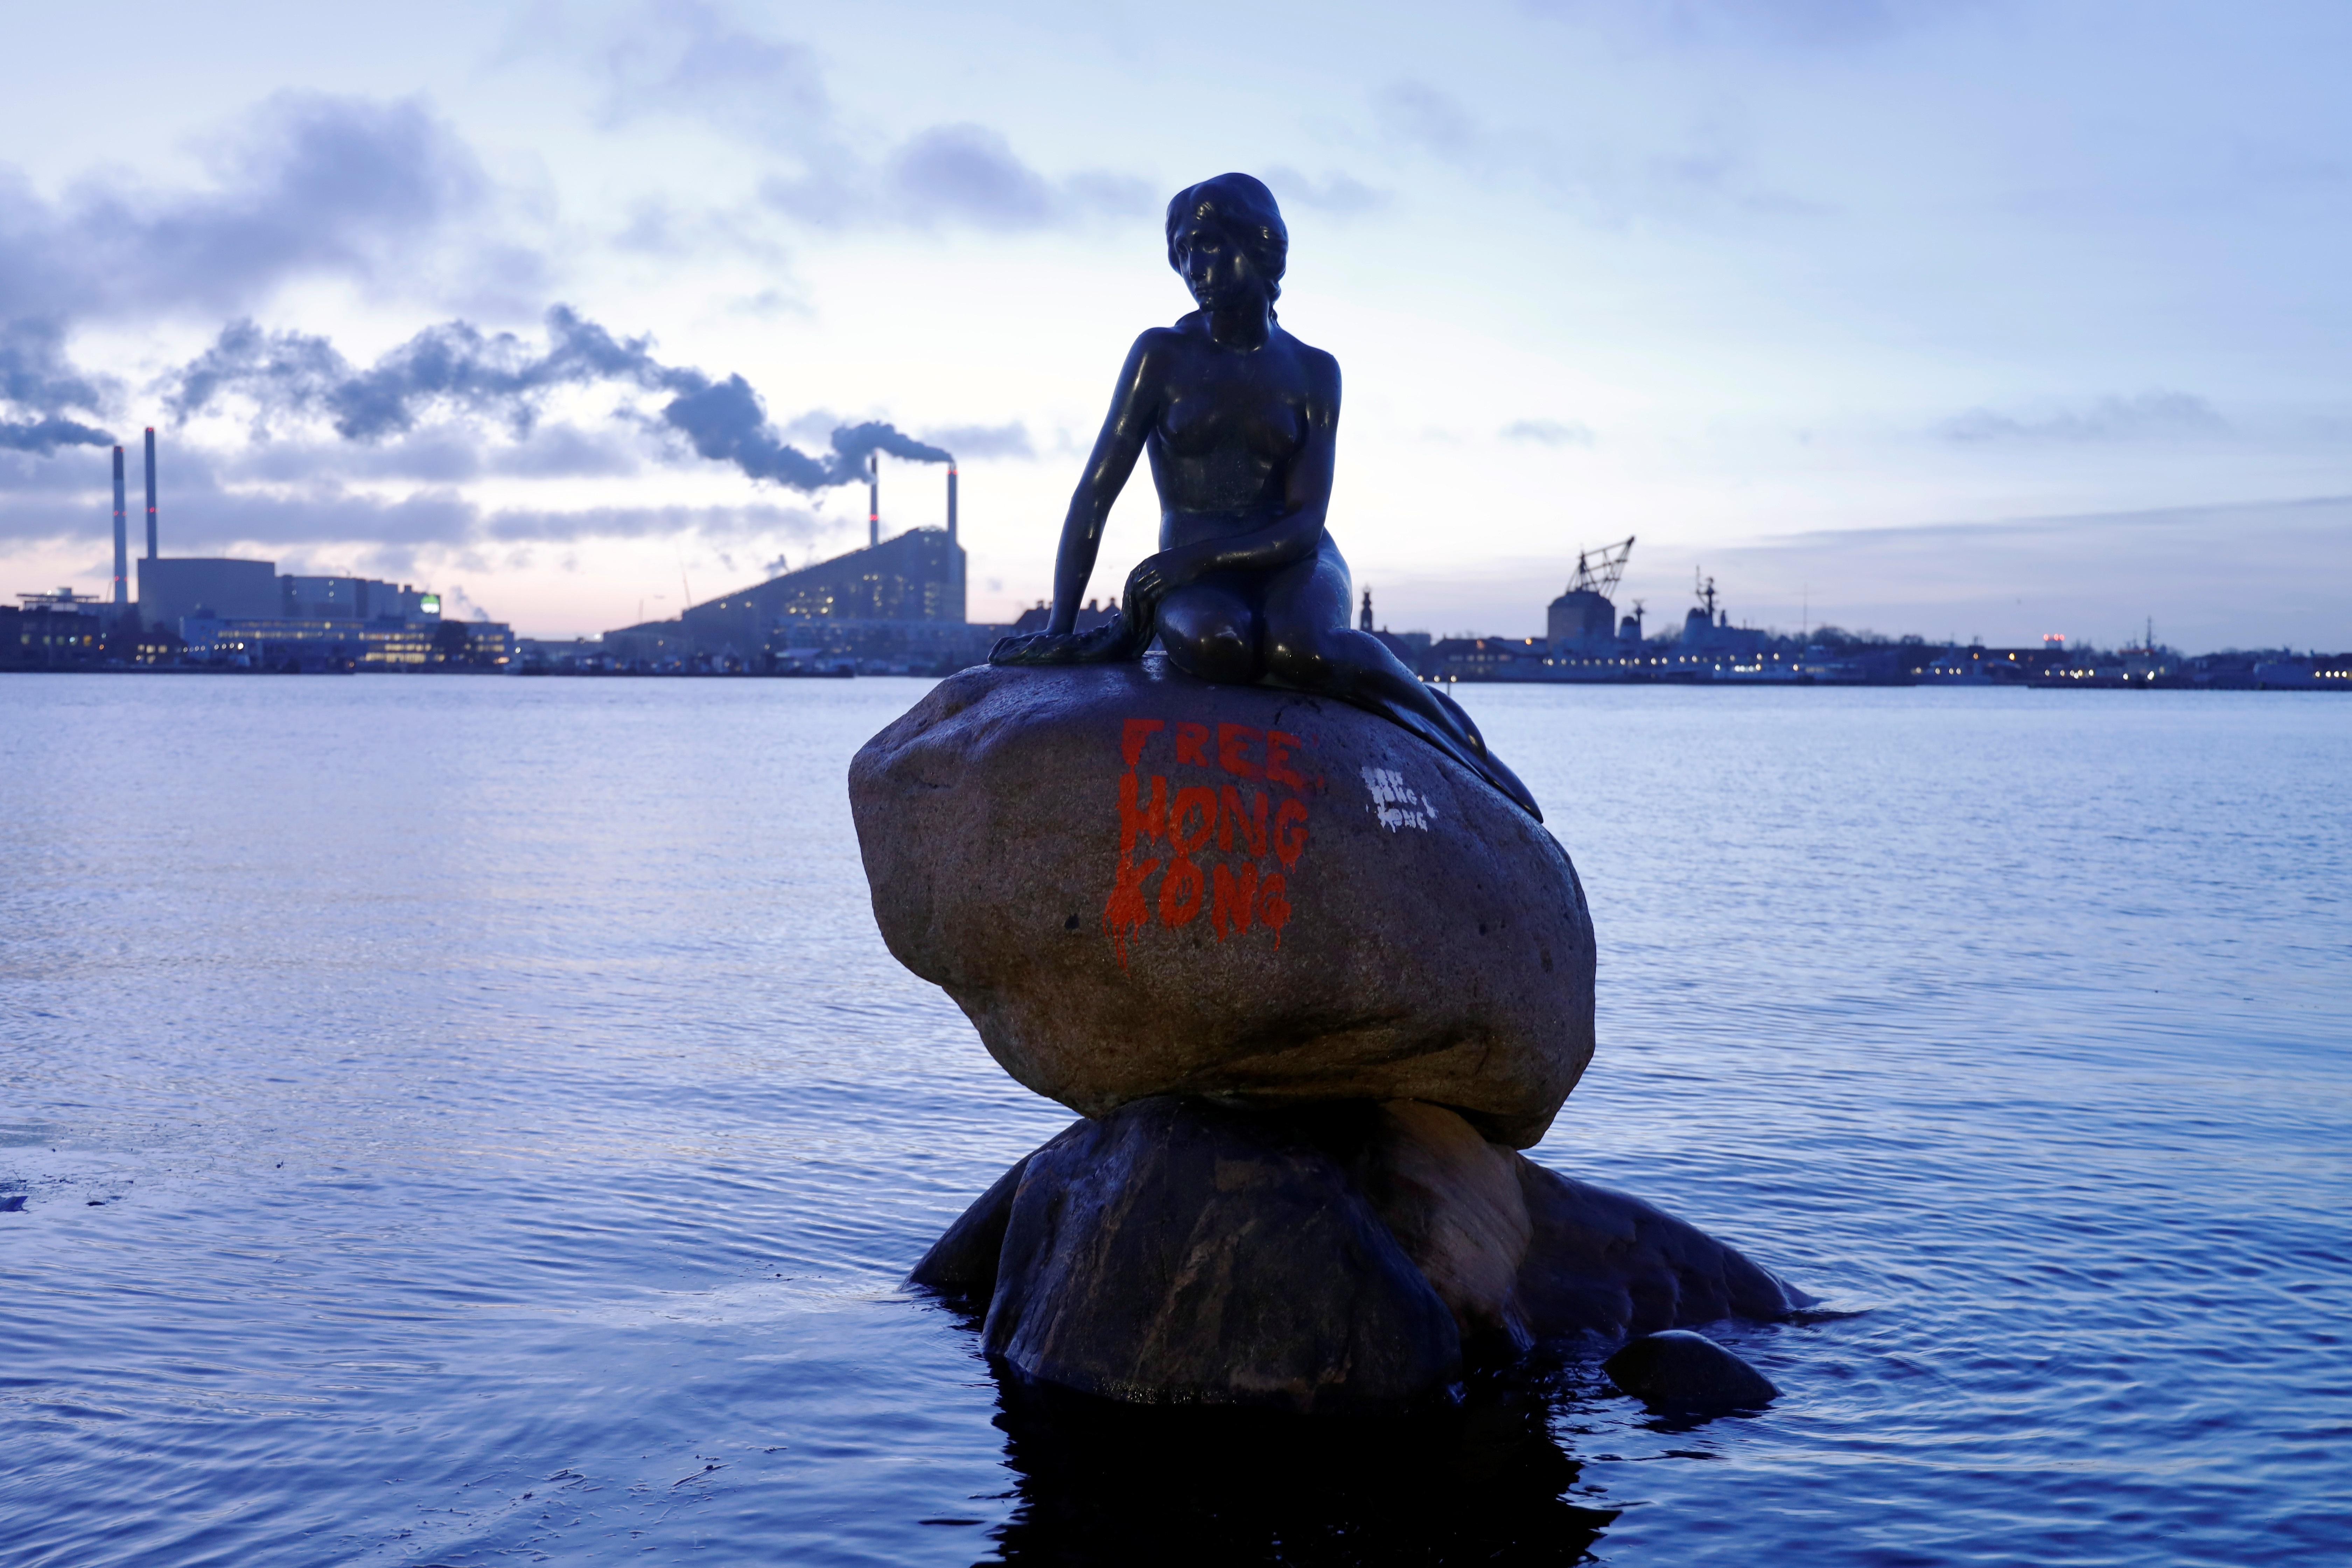 """Κοπεγχάγη: Βανδάλισαν τη """"Μικρή Γοργόνα"""" γράφοντας το σύνθημα """"Ελευθερώστε το Χονγκ Κονγκ"""""""